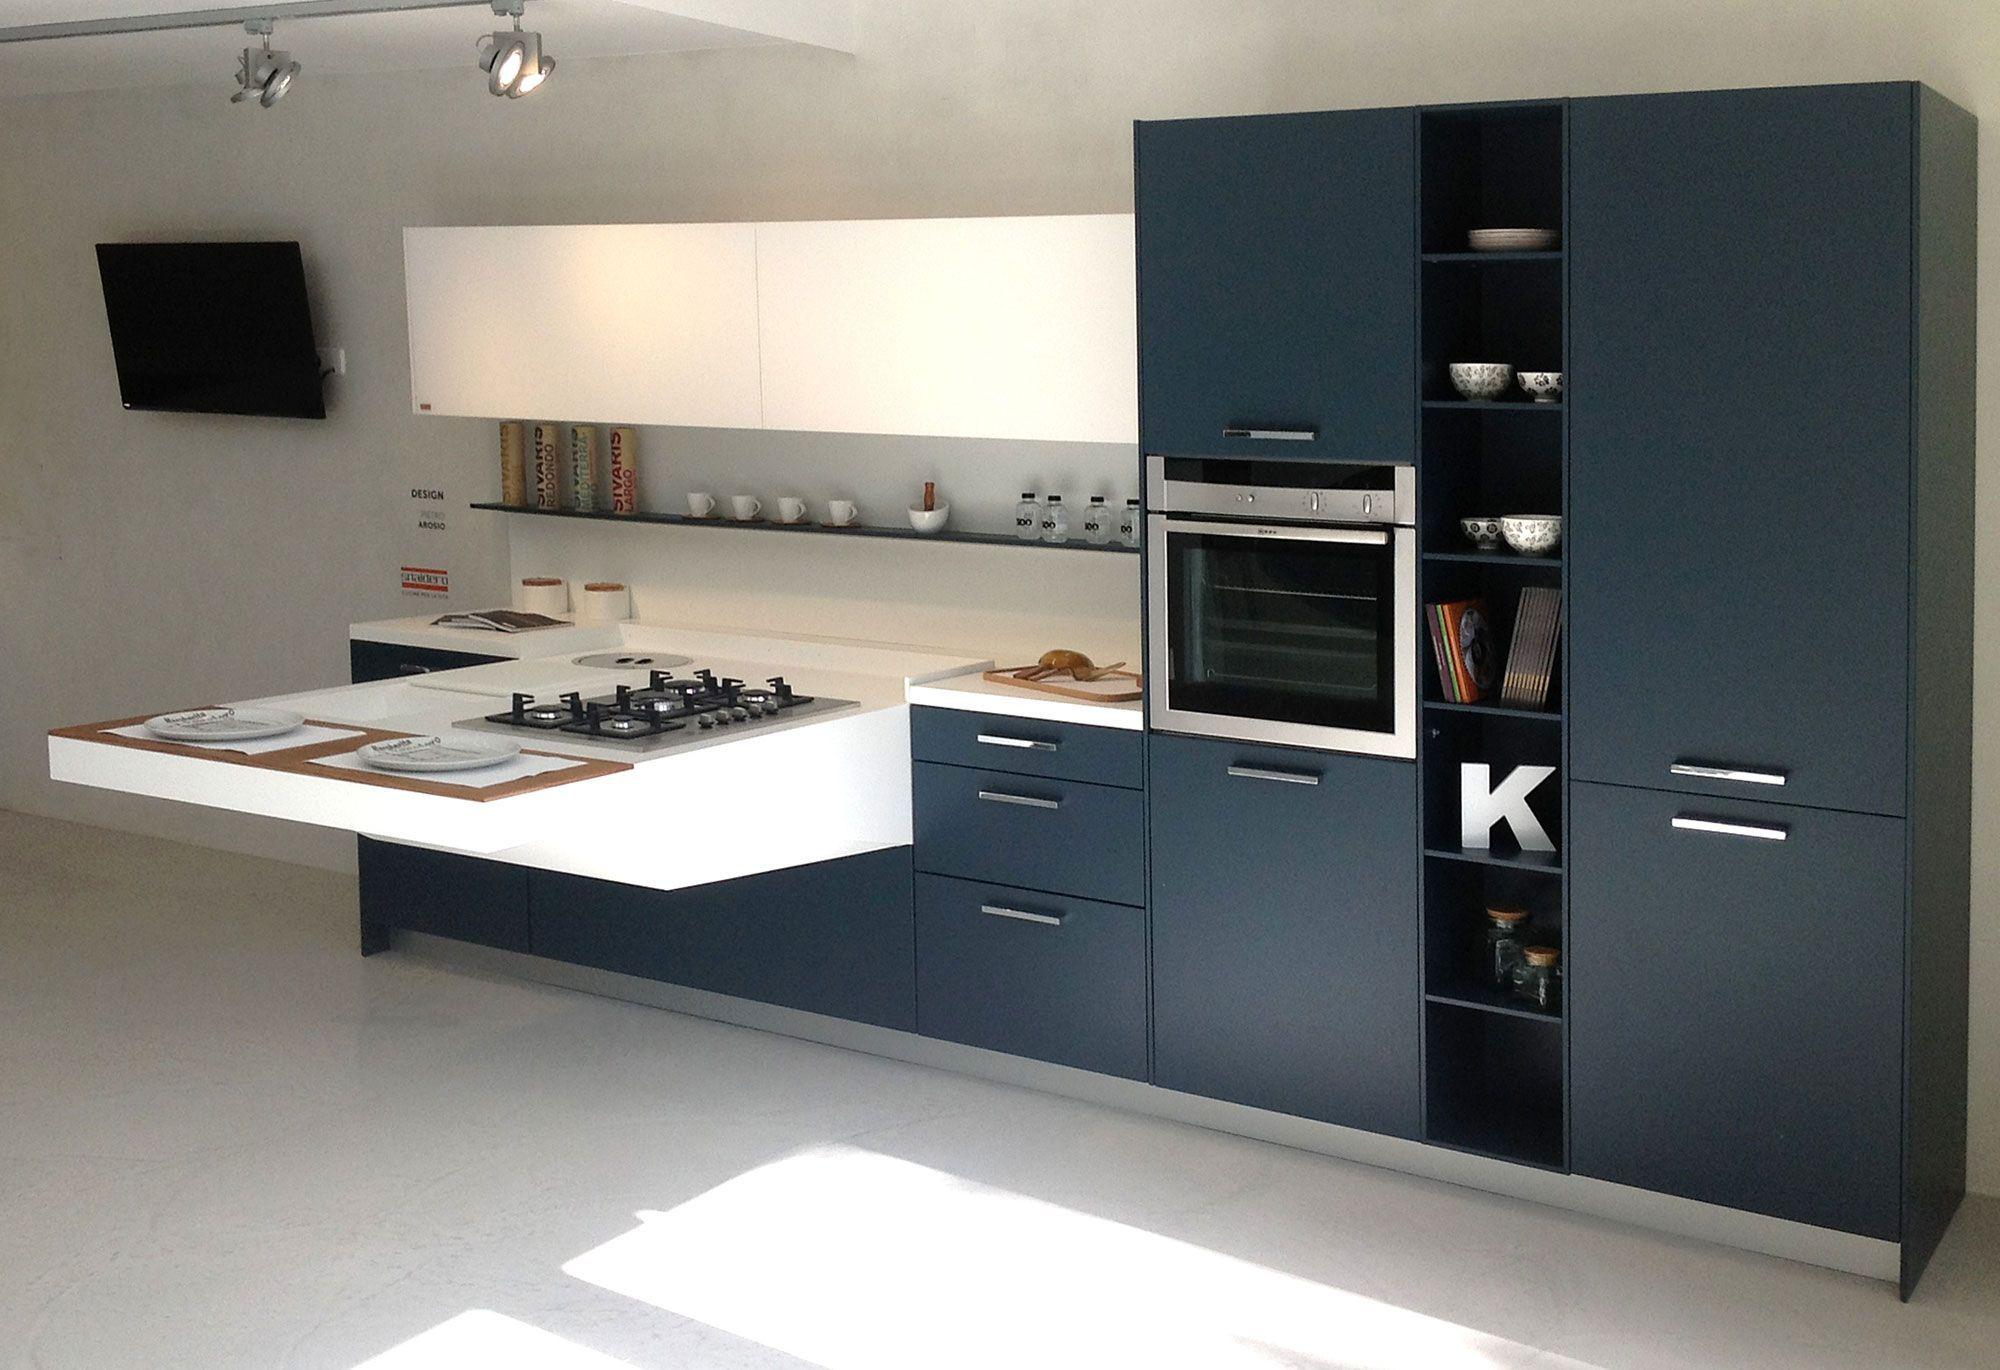 Fbrica de muebles de cocina  tumuebledecocinacom Cocinas y decoracin